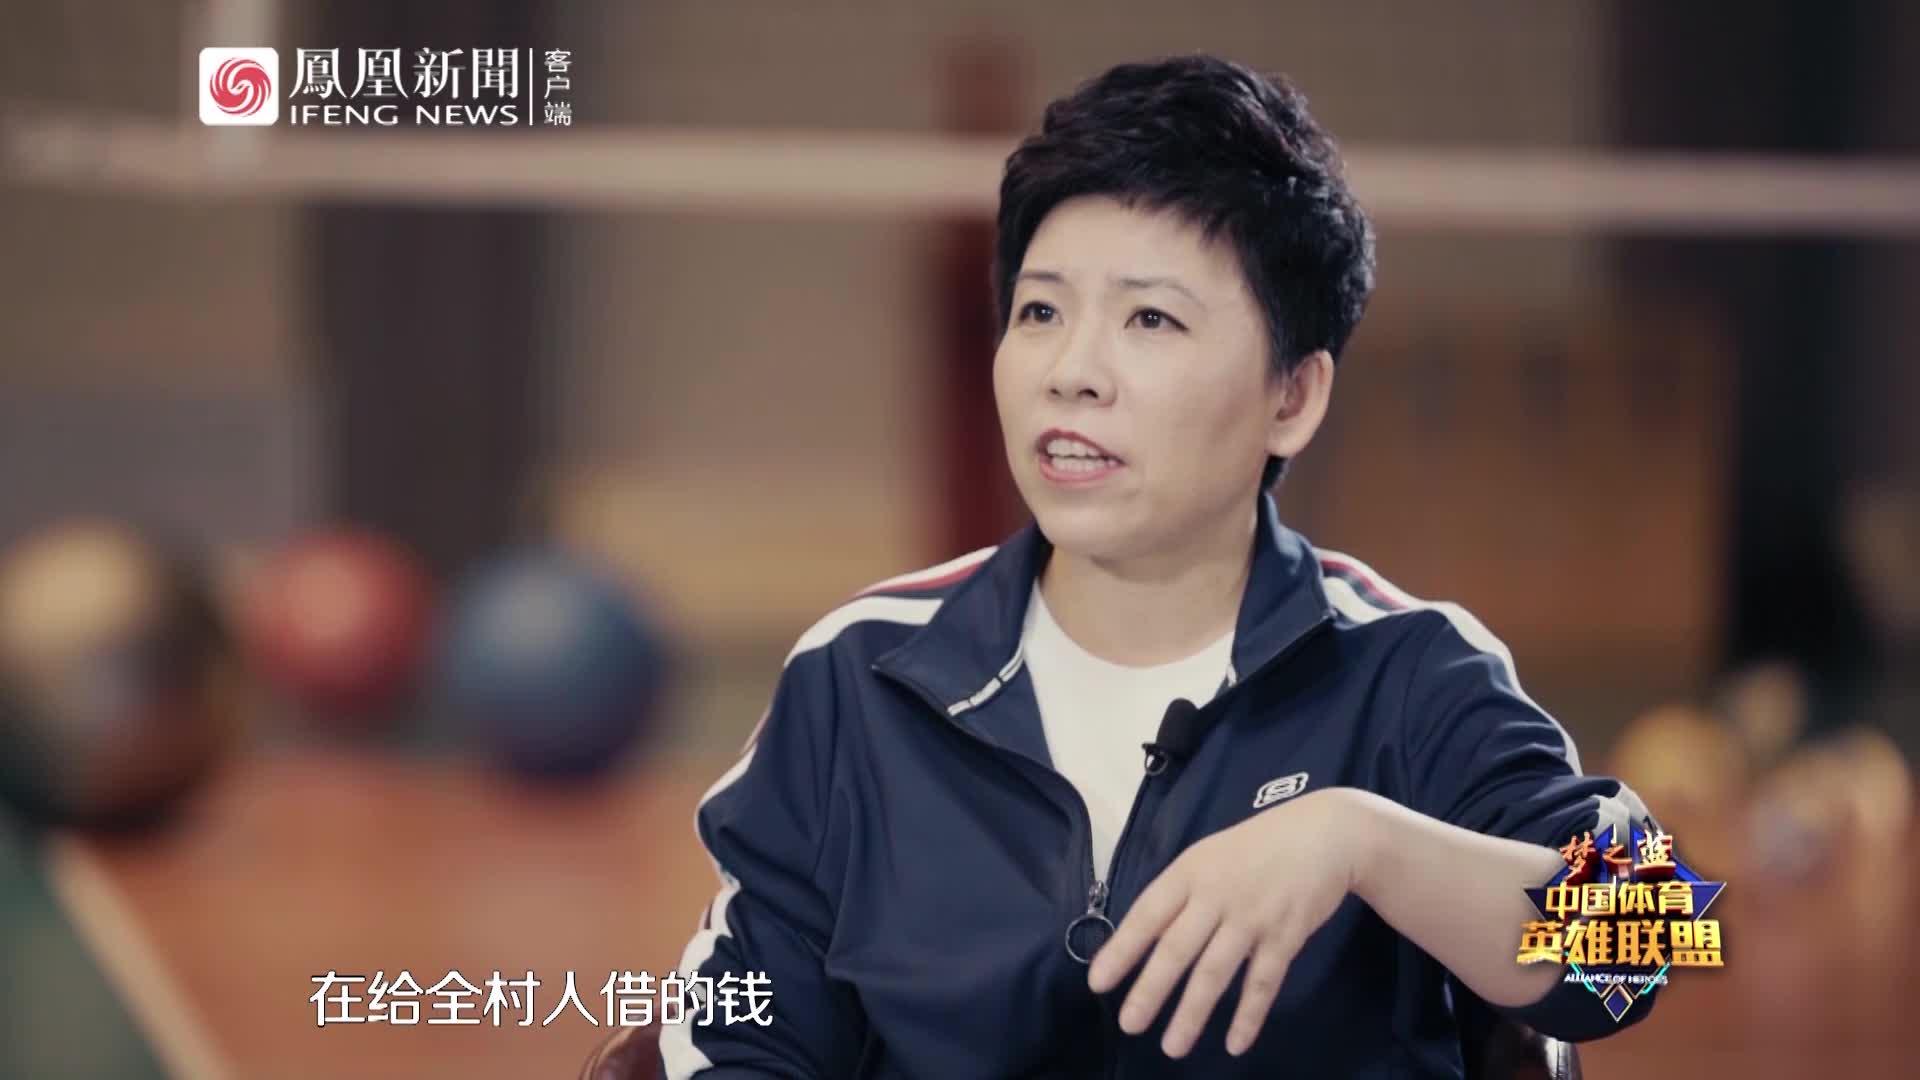 朱婷:上体校每天20块钱伙食费让父母很为难